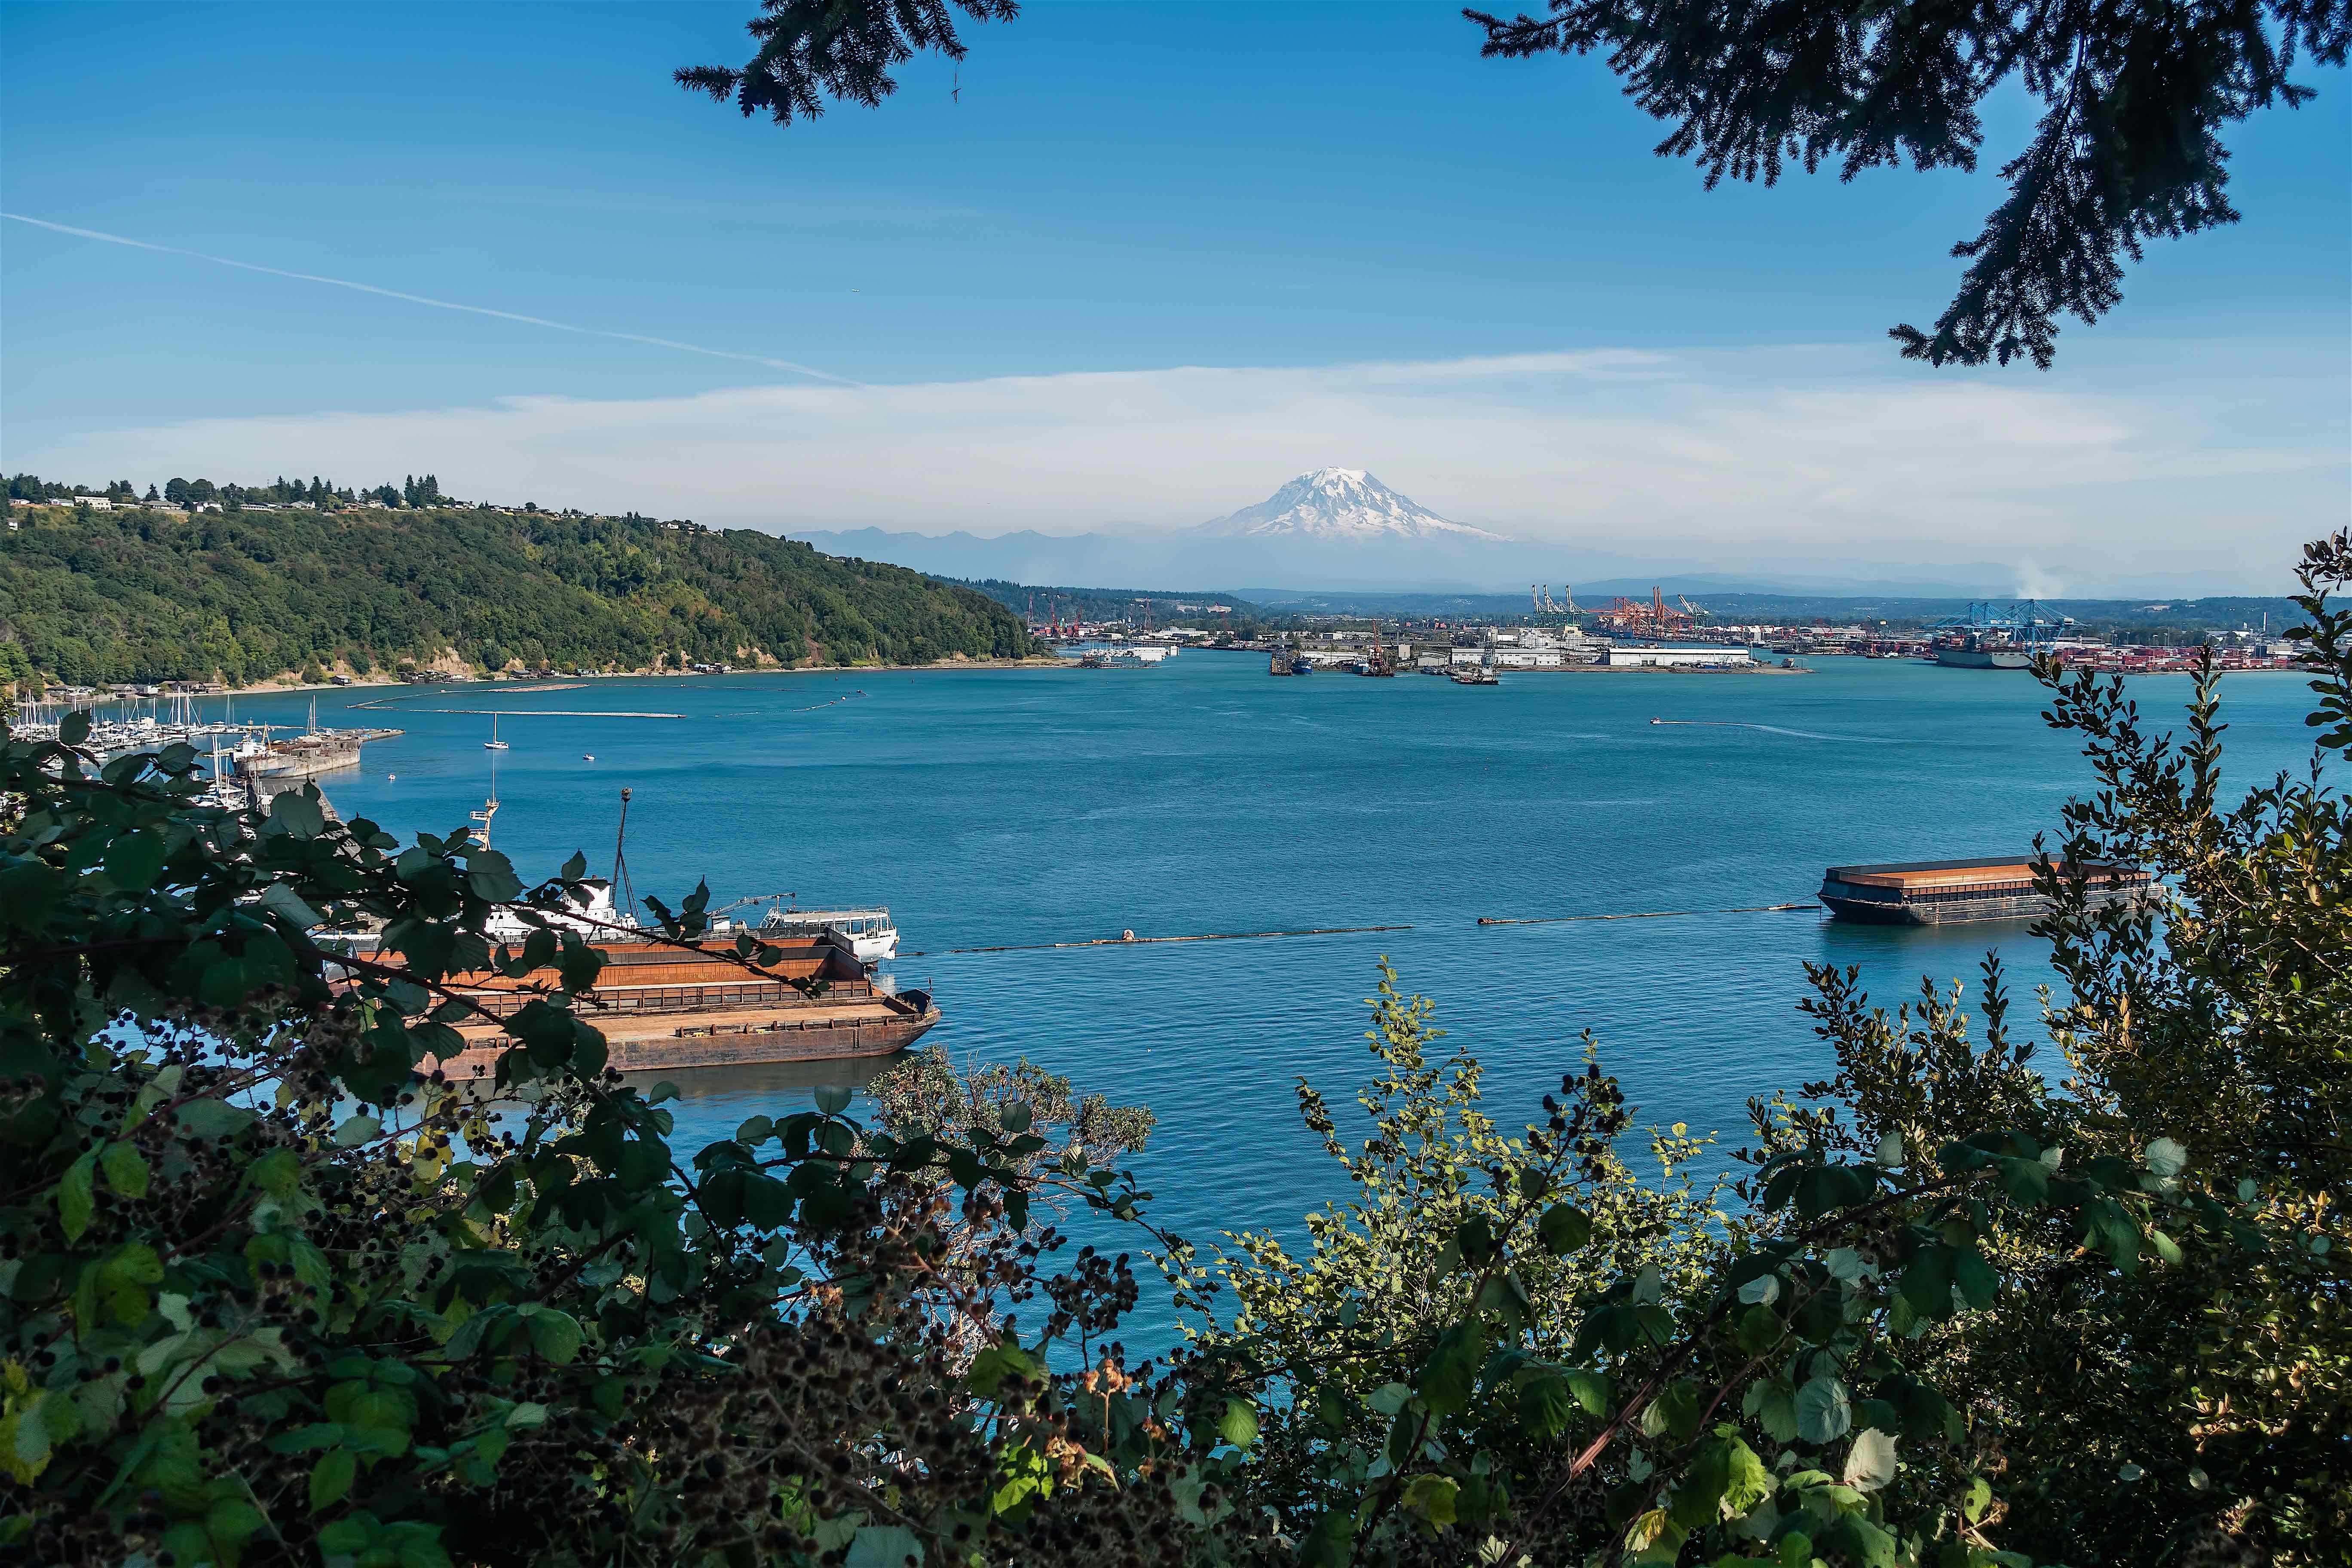 6.) Tacoma, WA